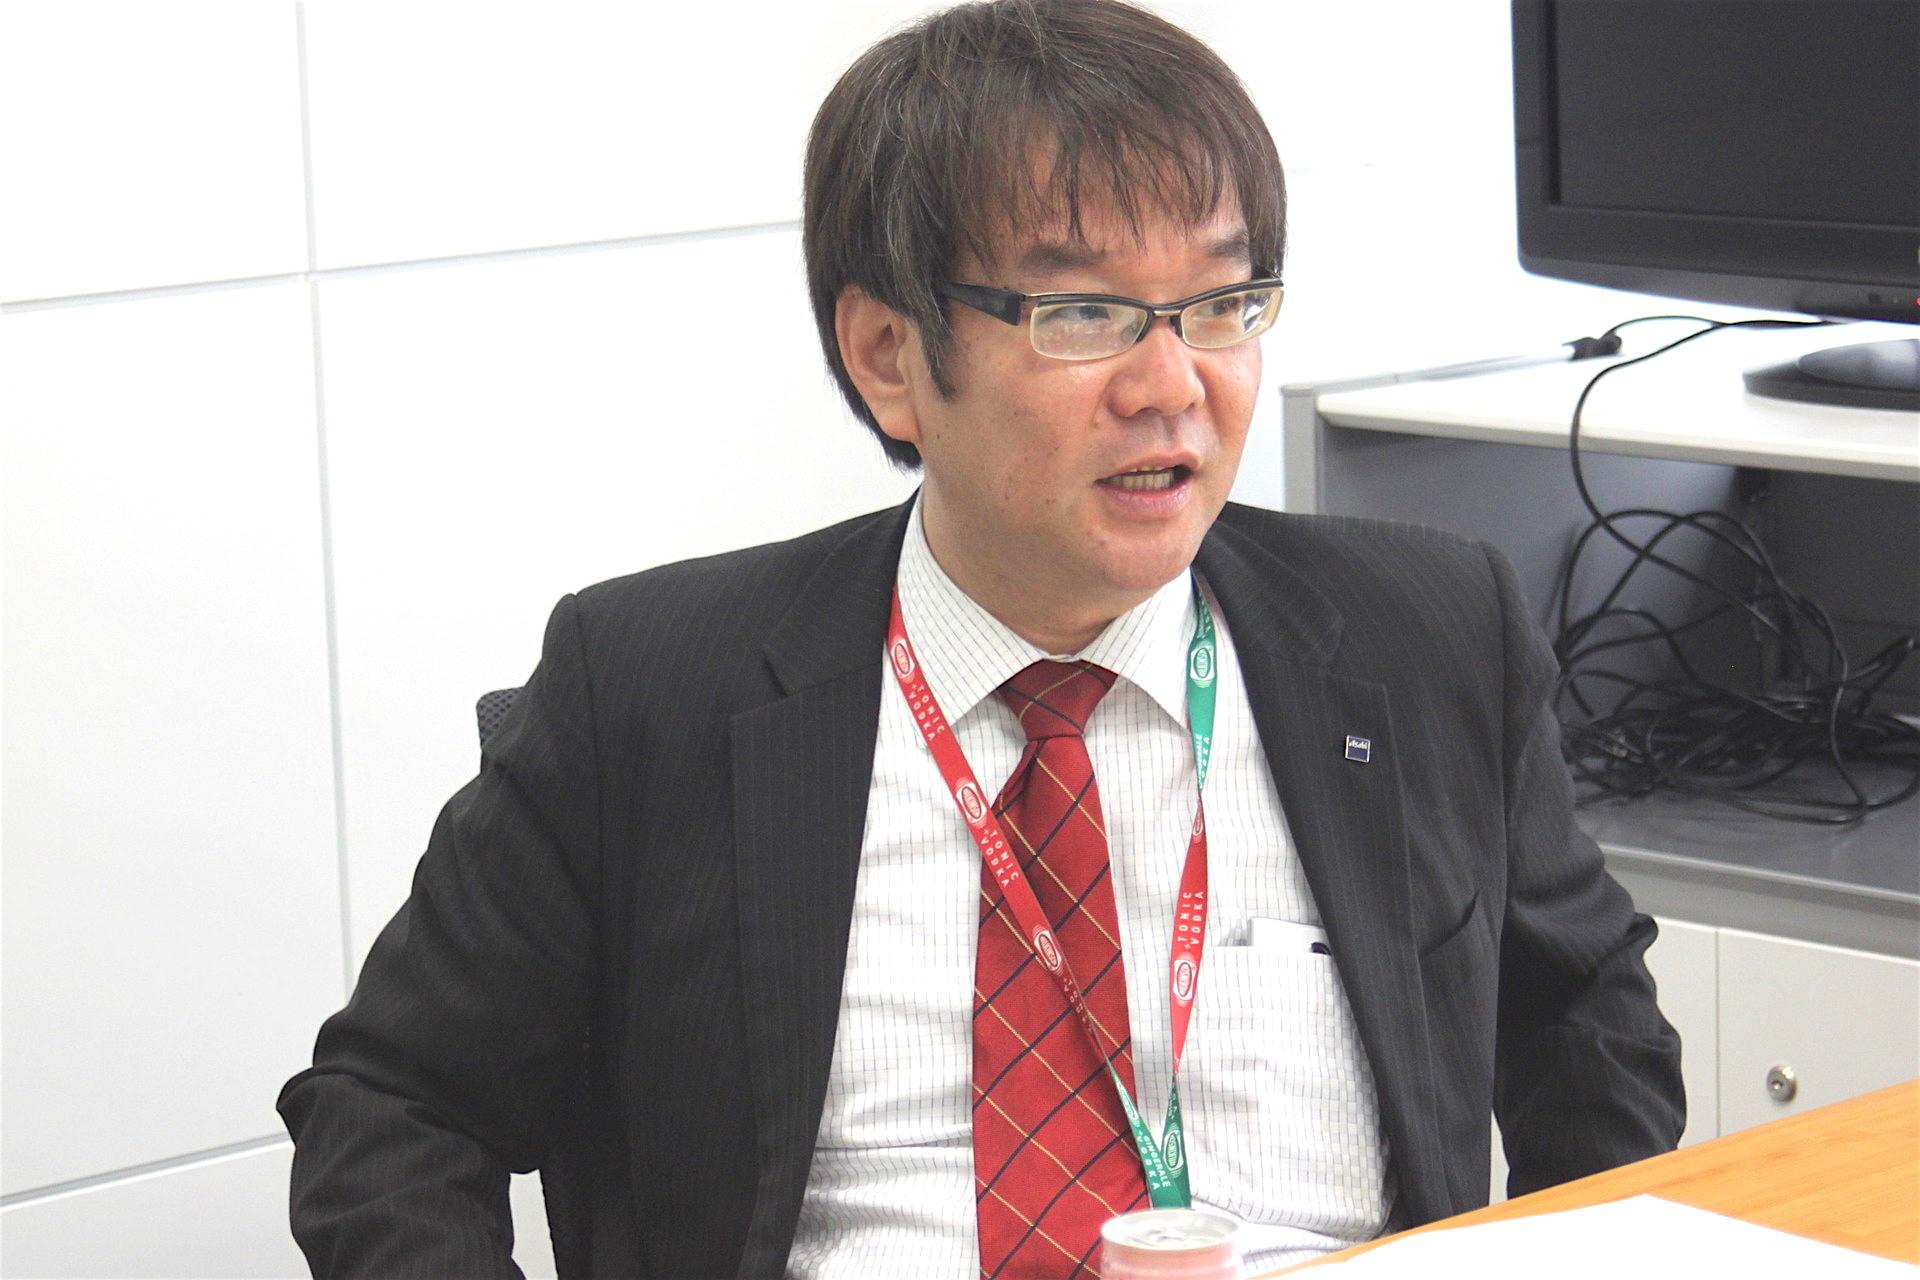 【インタビュー】小林大輔さん|アサヒビール(株) 営業本部 販促量販統括部 販促グループ次長